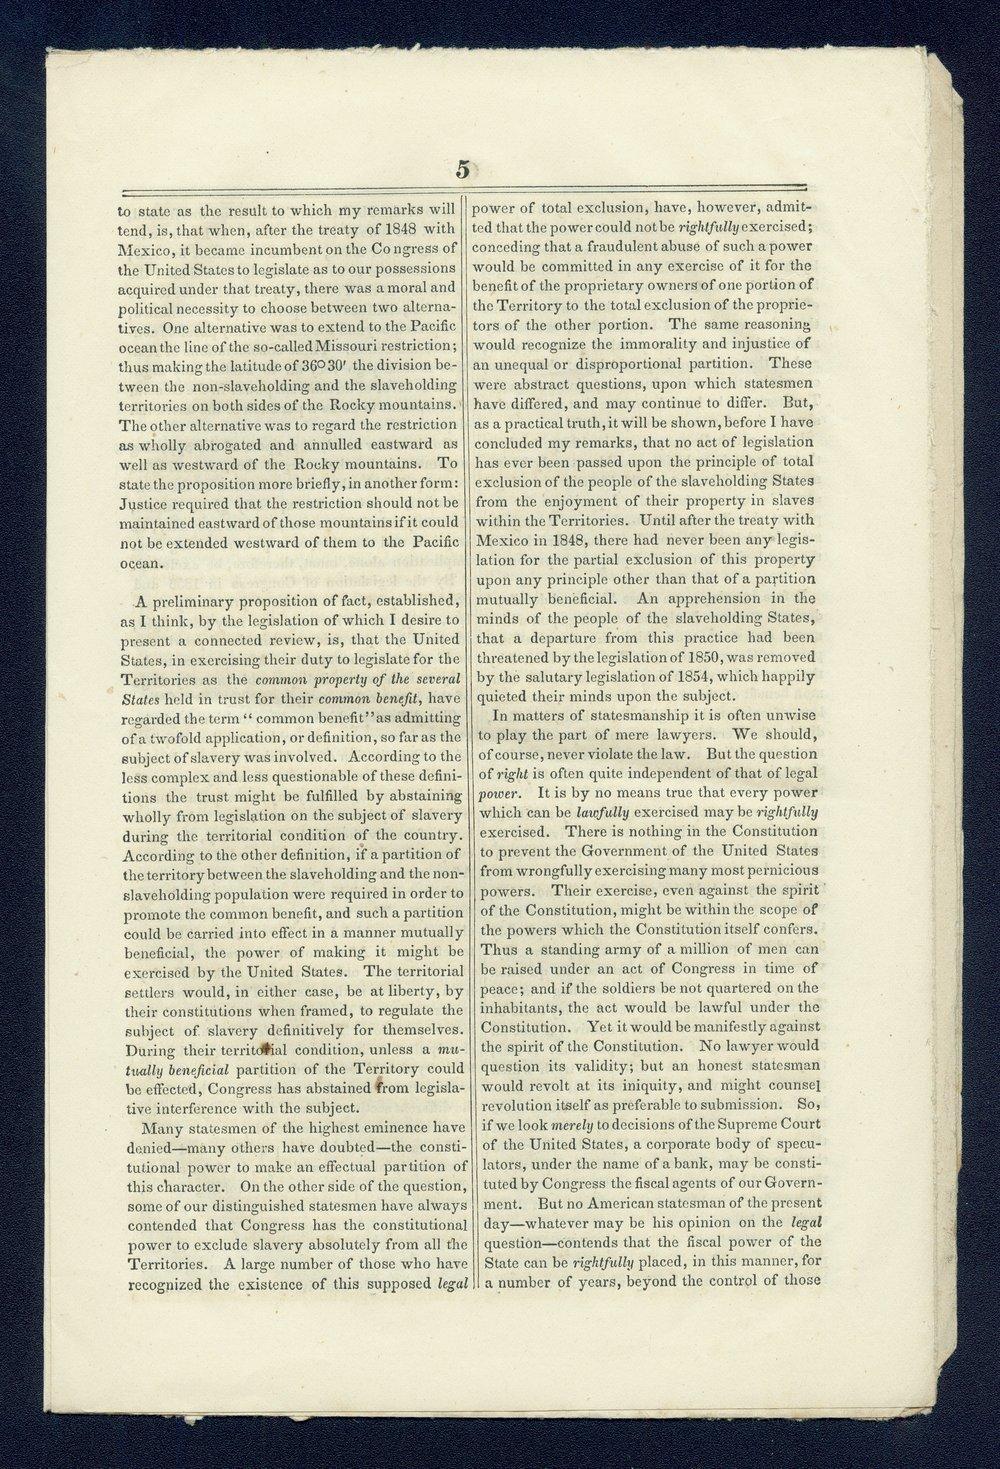 Speech of Congressman John Cadwalader - 5